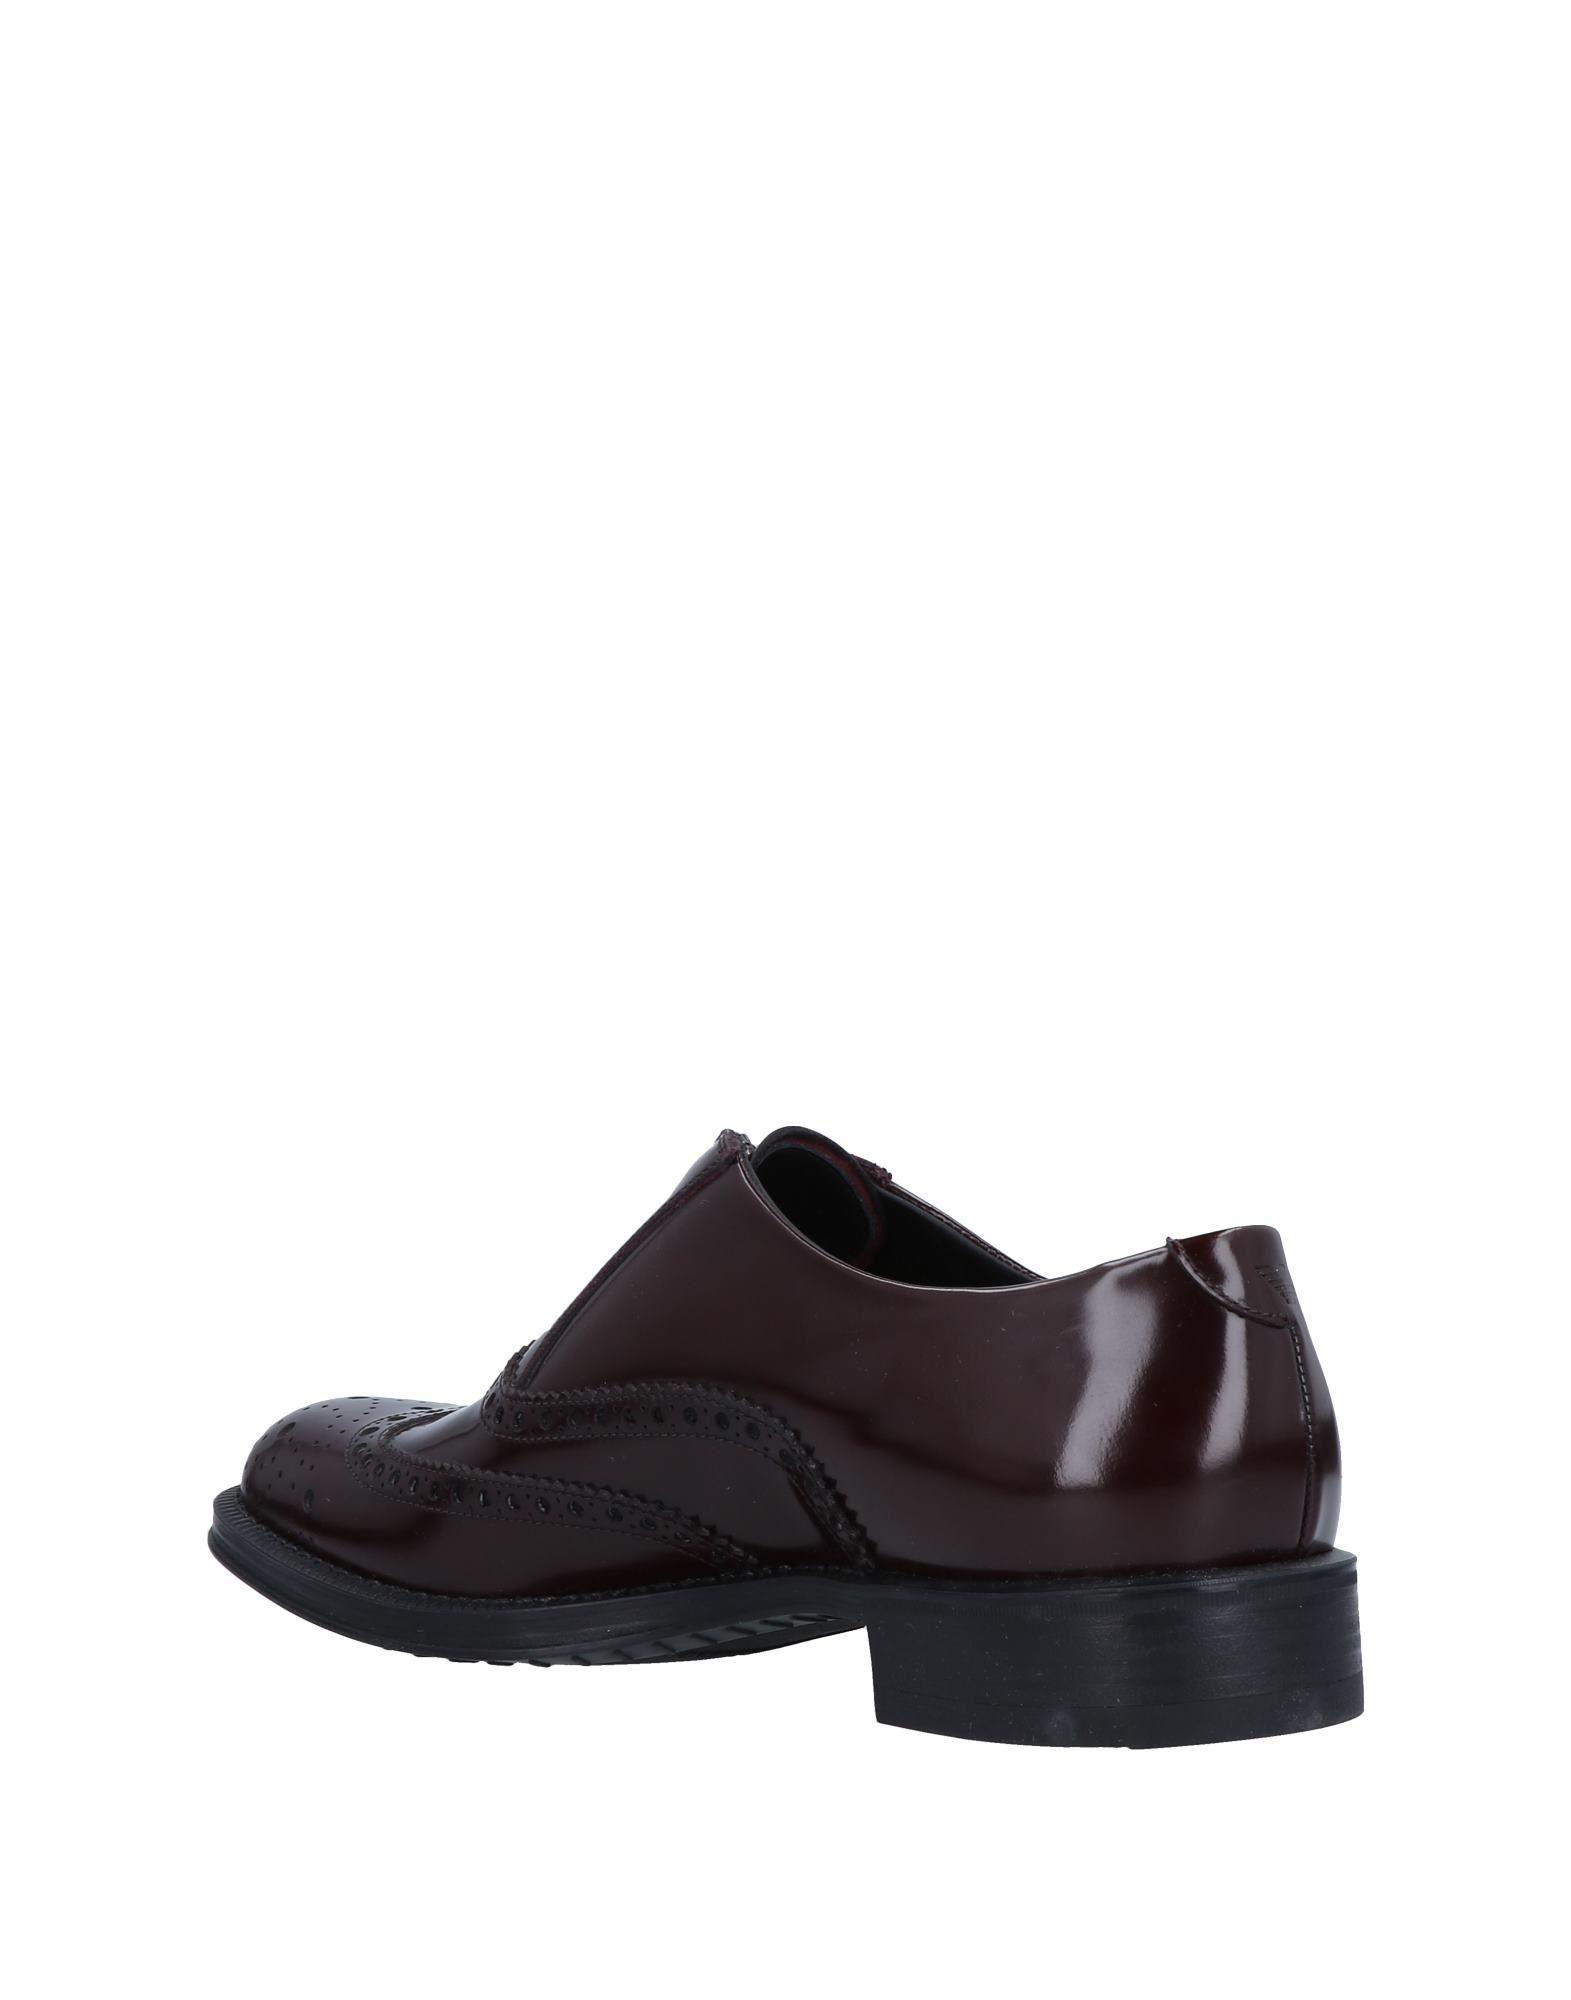 Emporio Armani Mokassins Herren  11517257IF Gute Qualität beliebte Schuhe